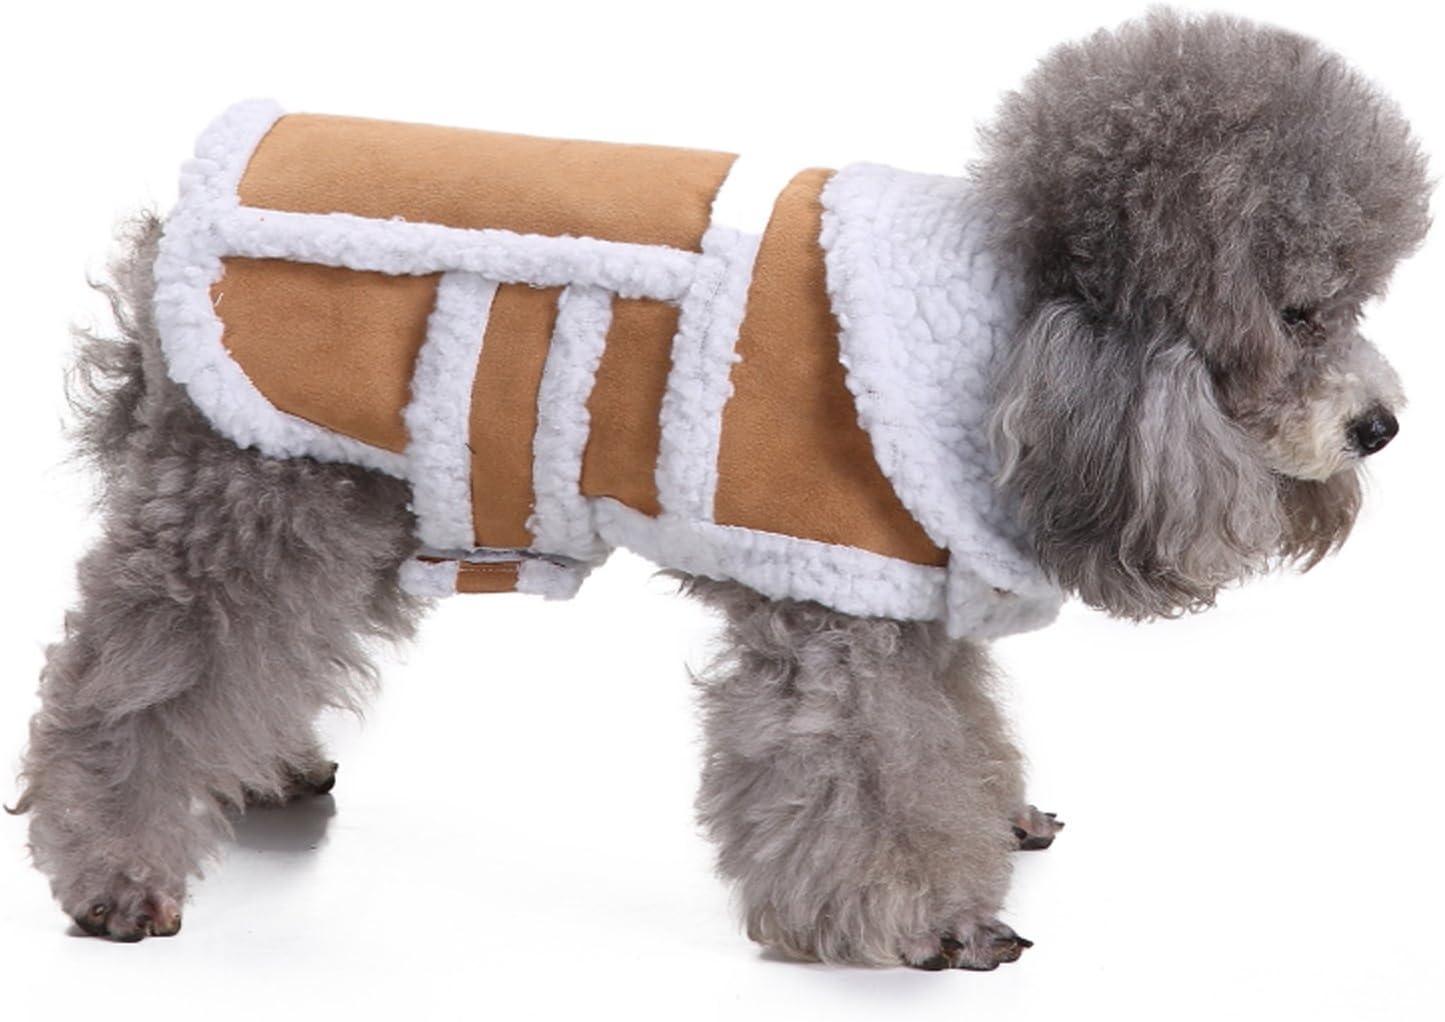 Hand Knit Pure White Dog Sweater  Dog Jacket   White Dog Apparel  Dog Attire  Dog Robe  Dog Wear X Small Dog Coat White Puppy Coat